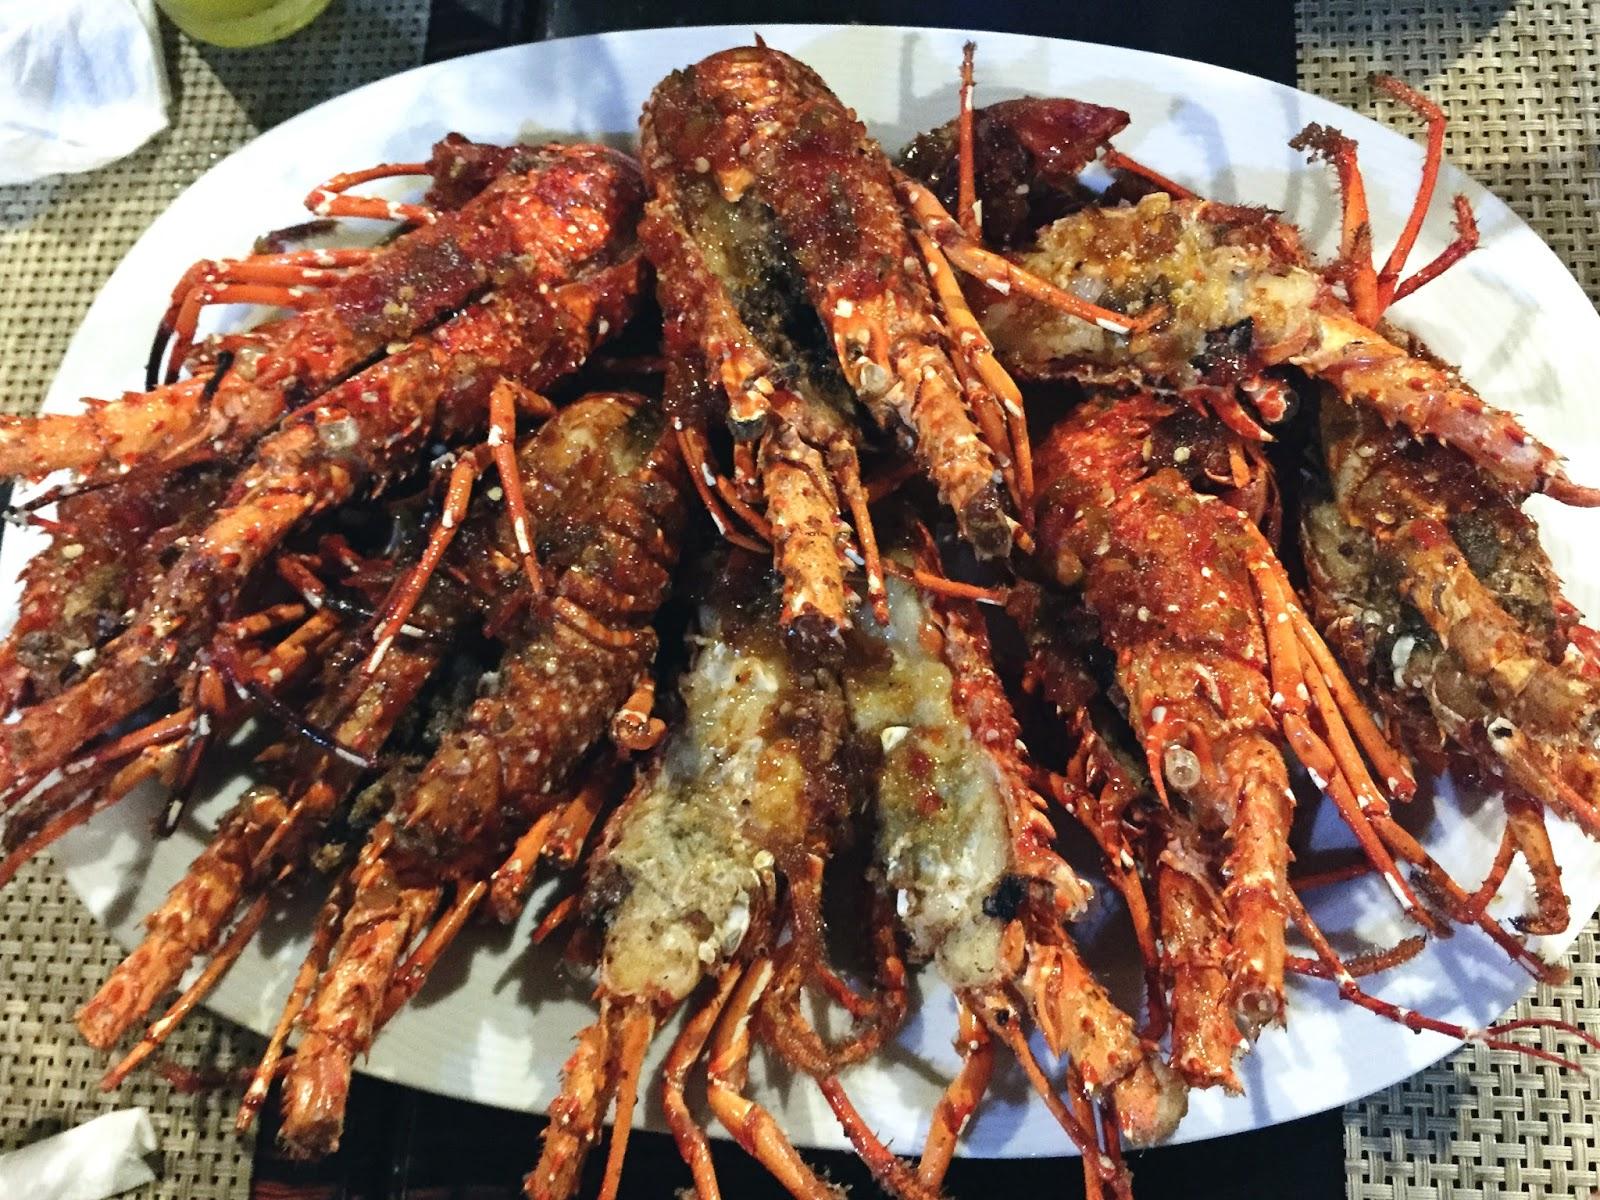 Lobster King Seafood Menu - Best Image of Lobster 2018